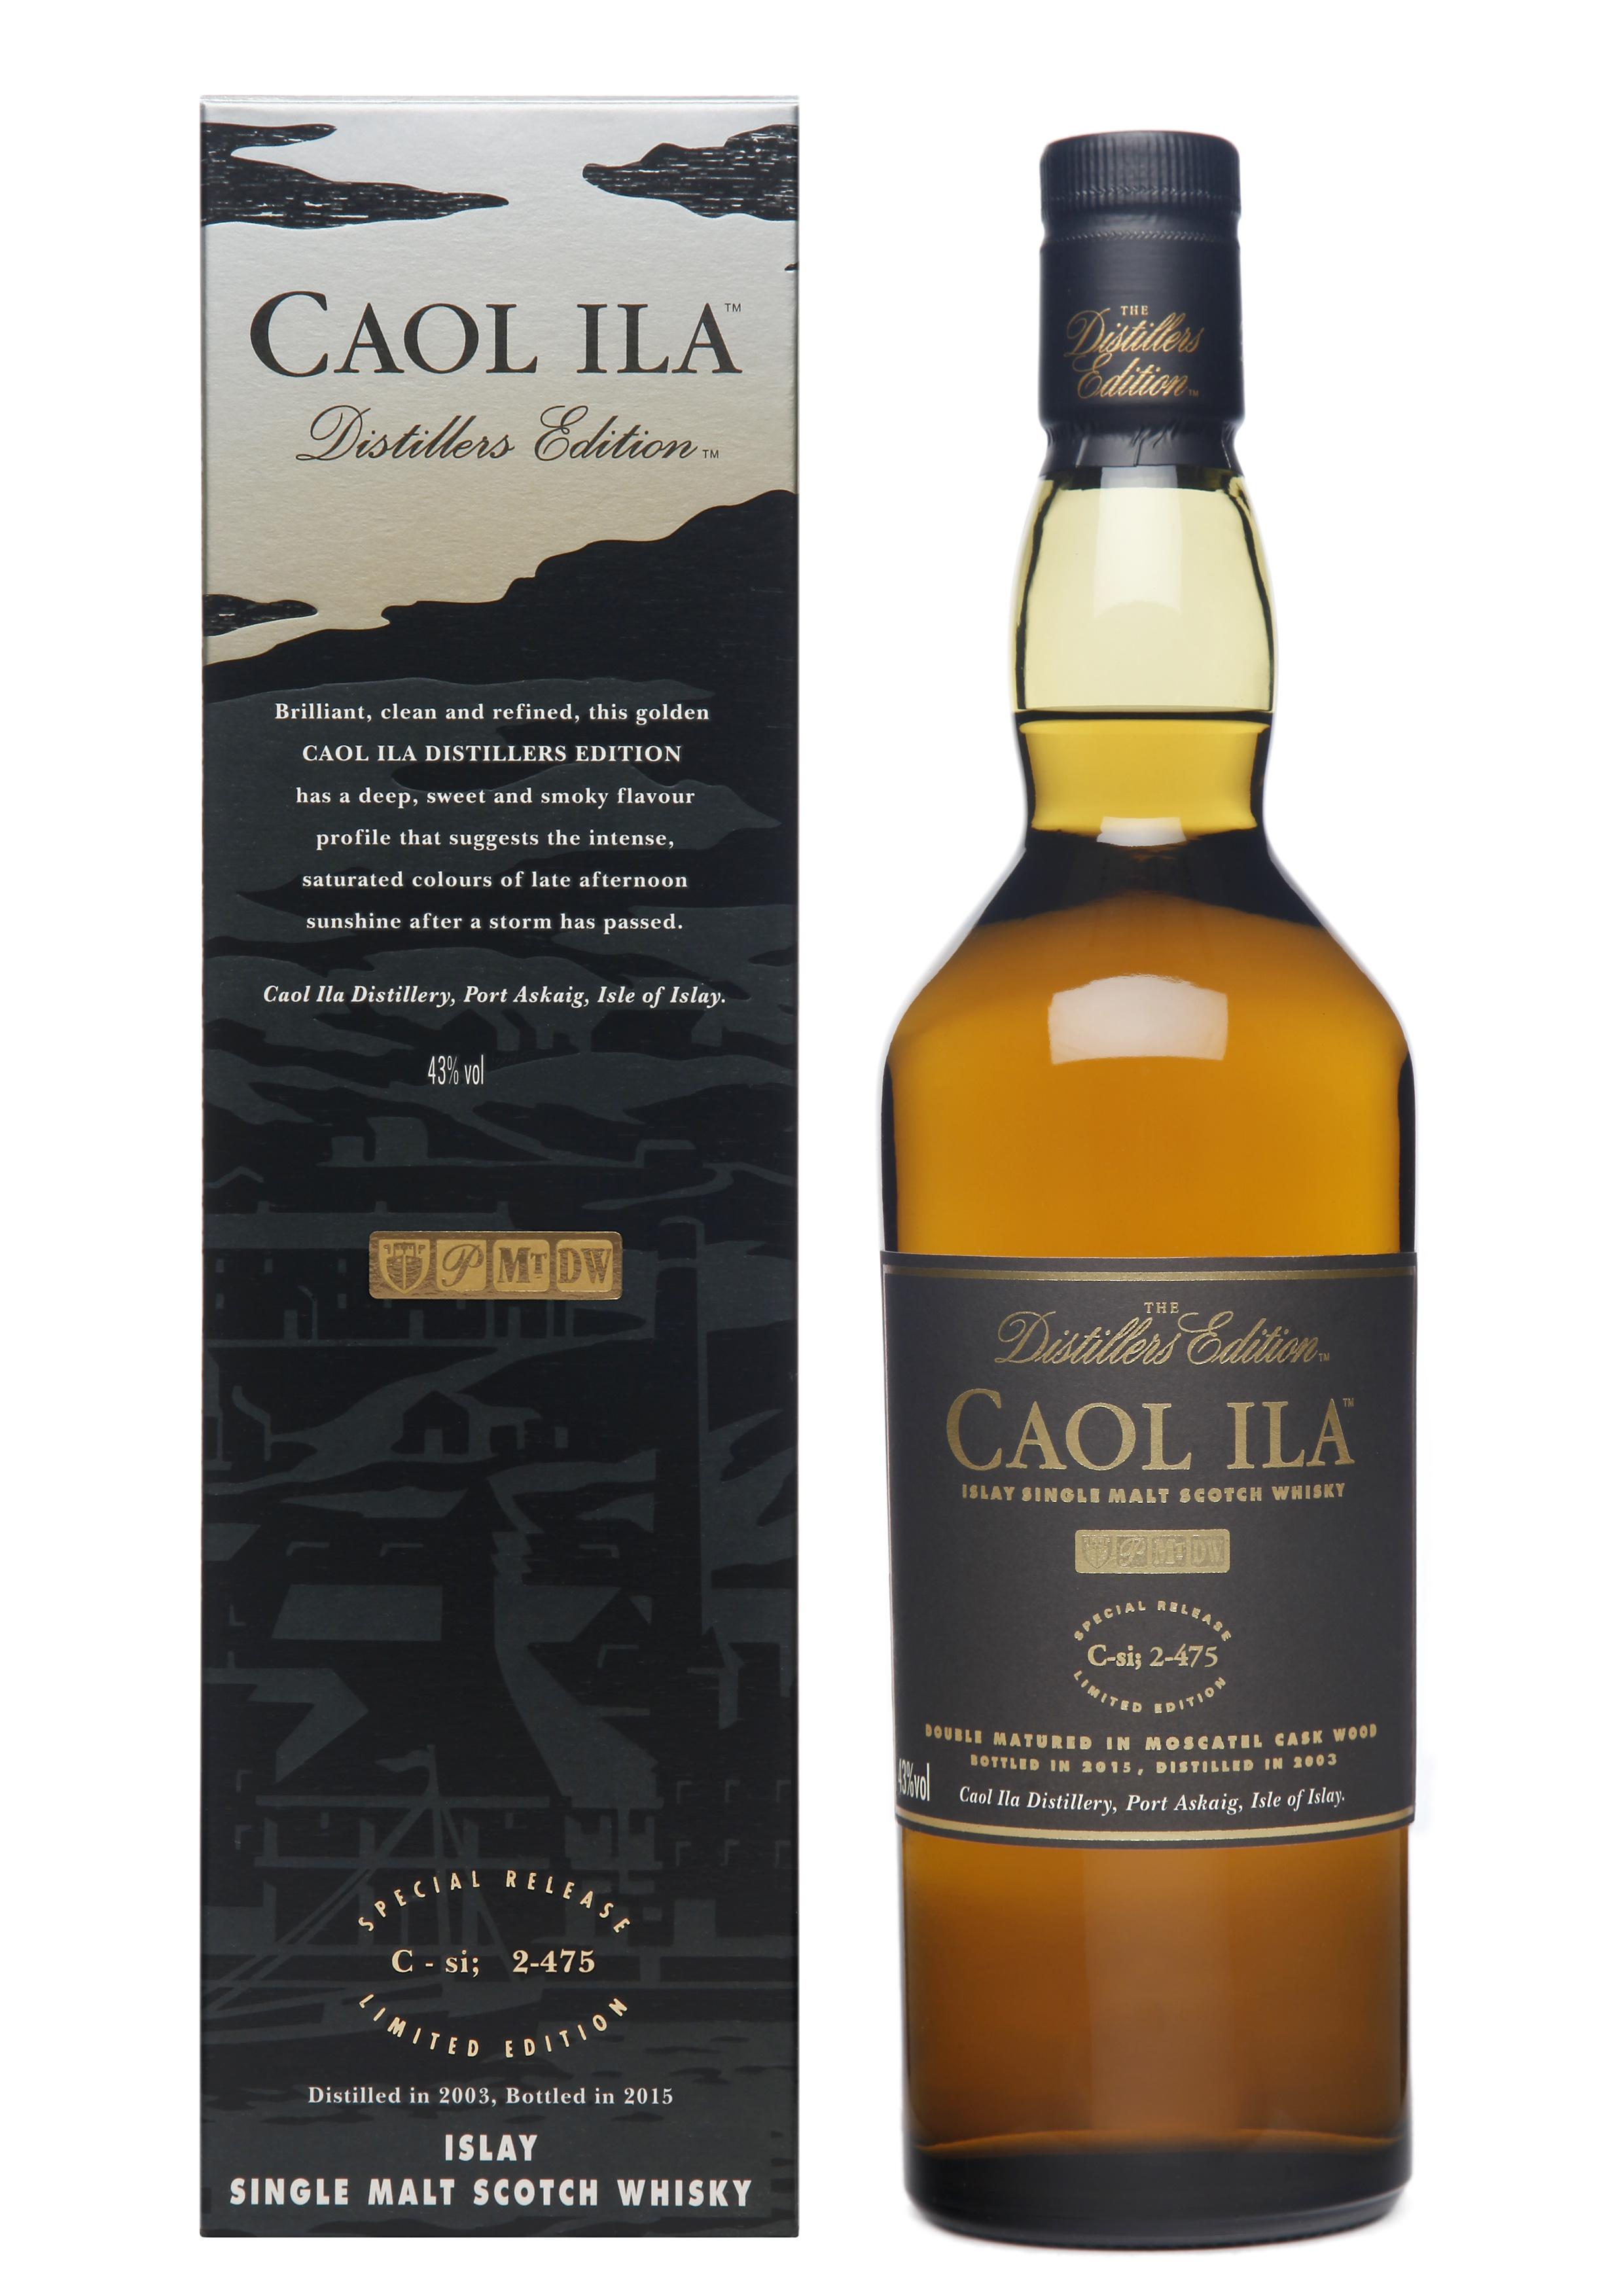 Caol Ila Distillers Edition 2020 Whisky